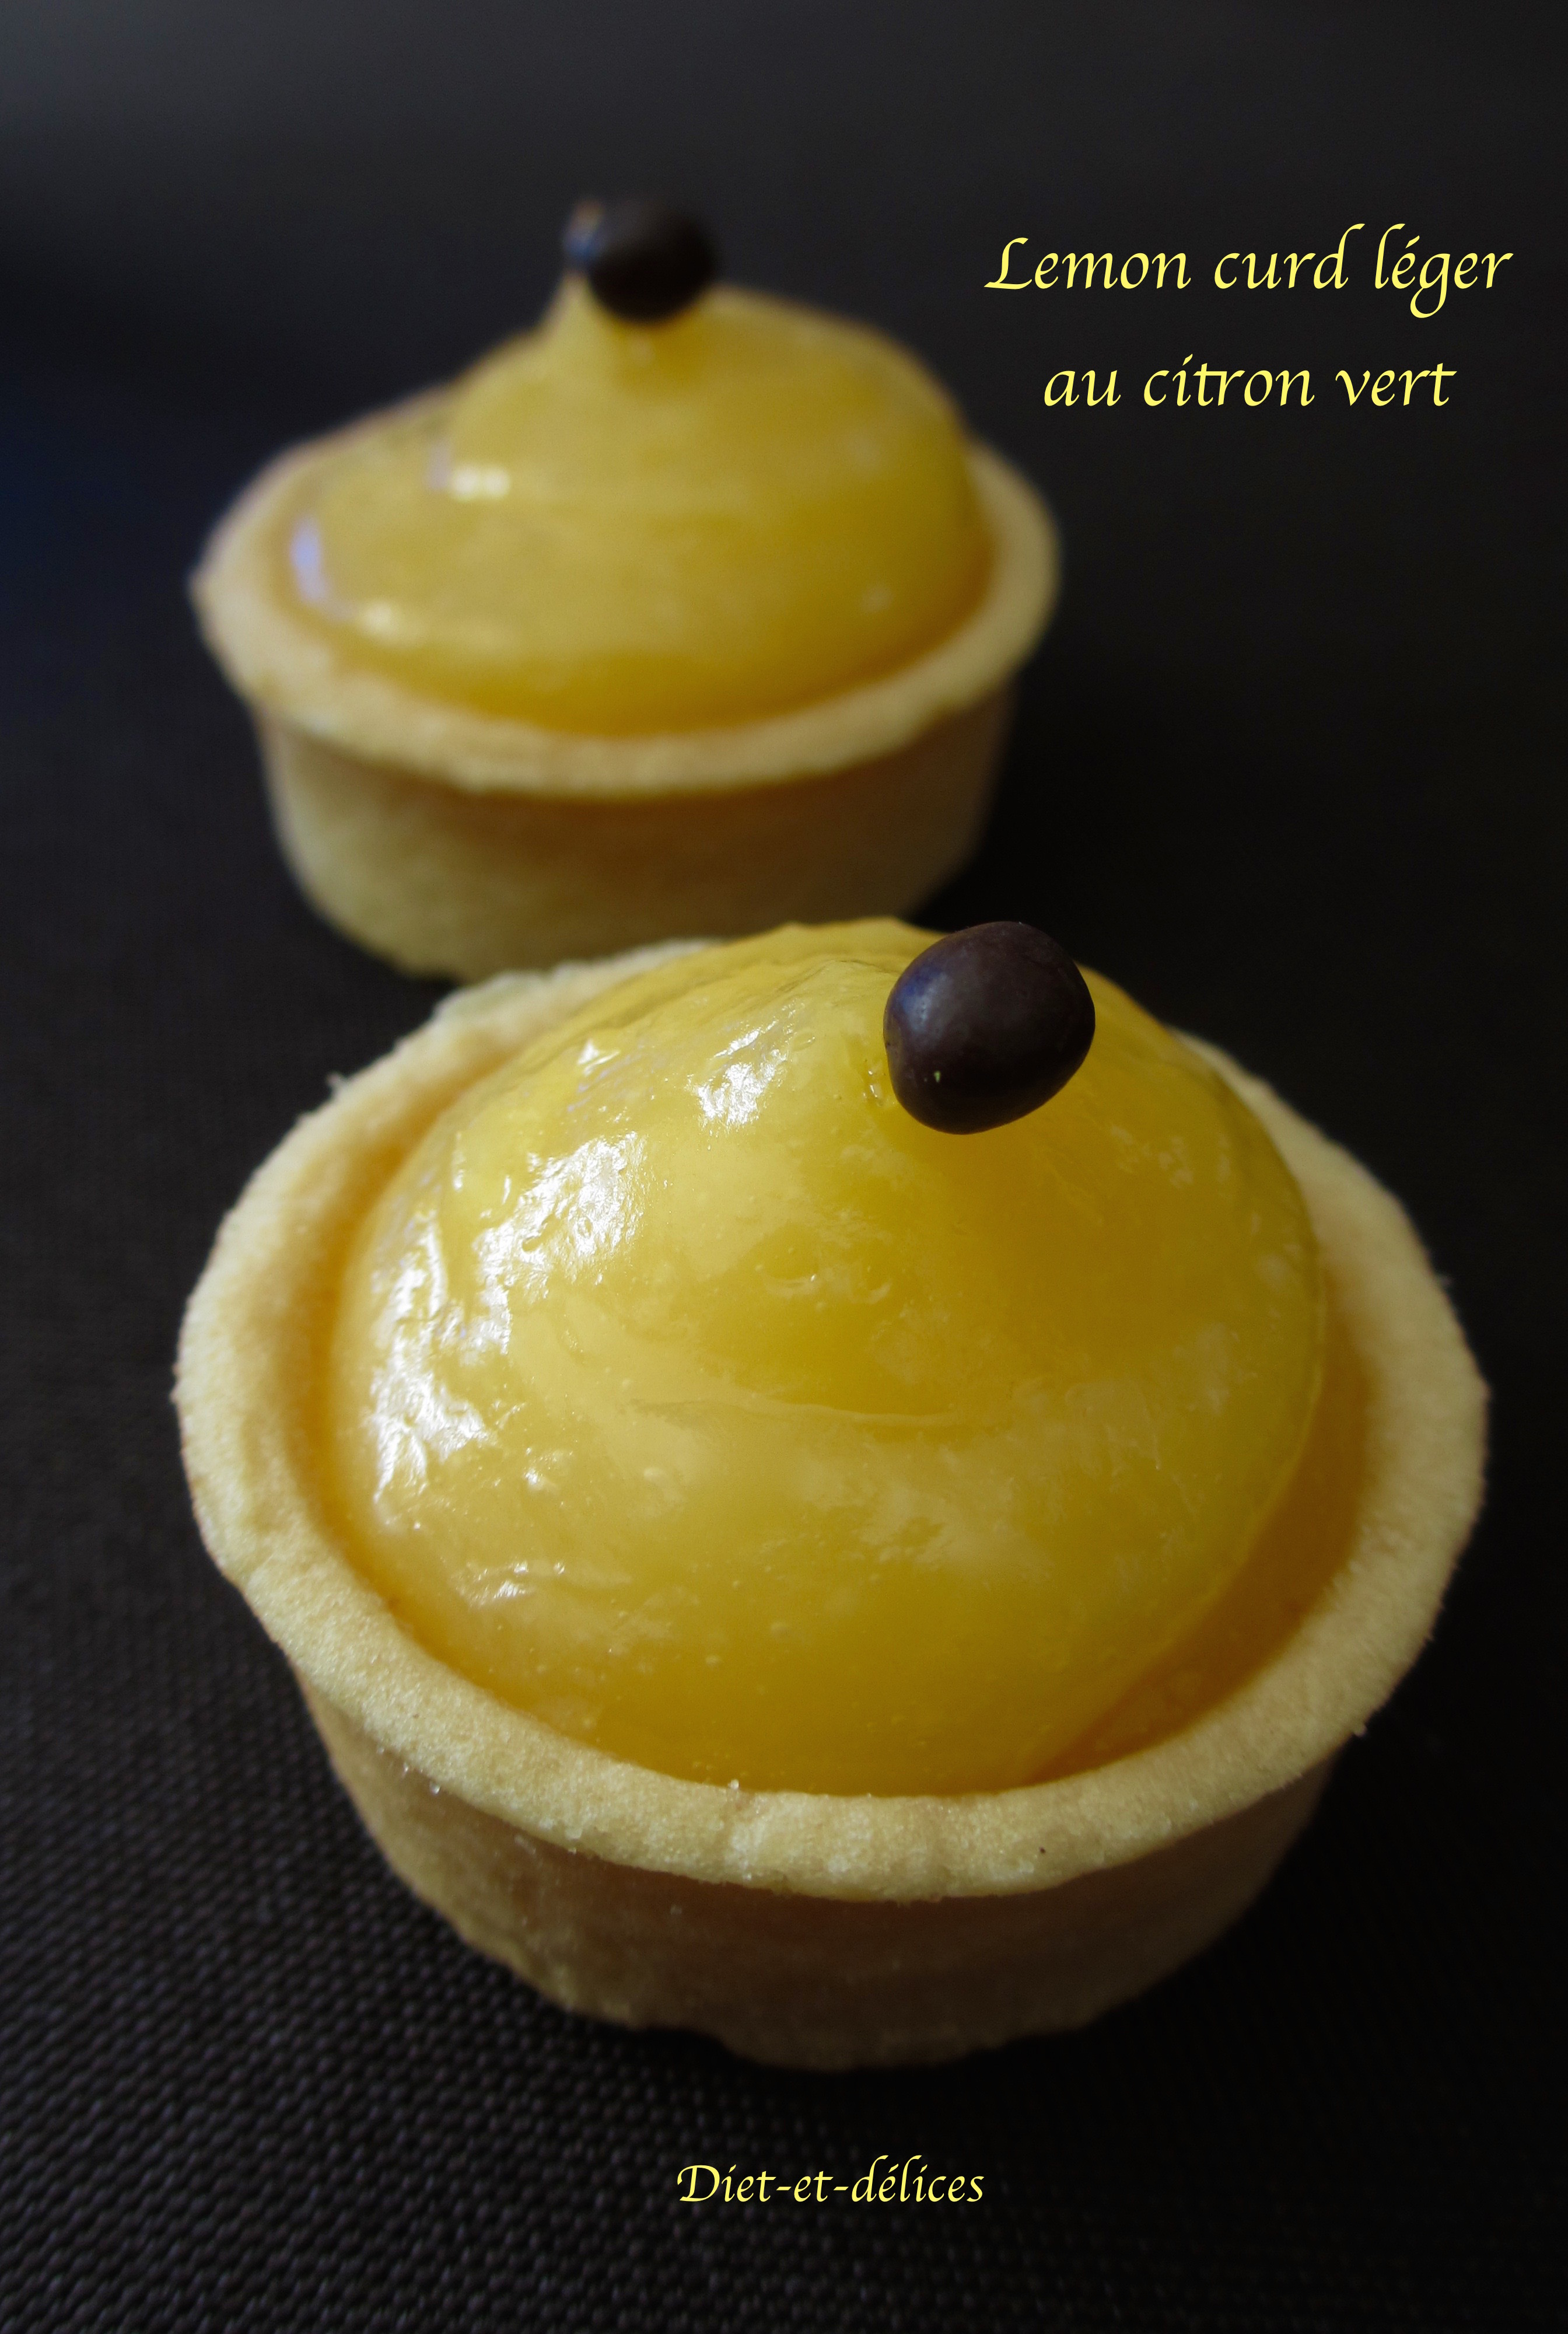 Lemon curd l ger au citron vert sans beurre diet d lices recettes diet tiques - Lemon curd sans beurre ...